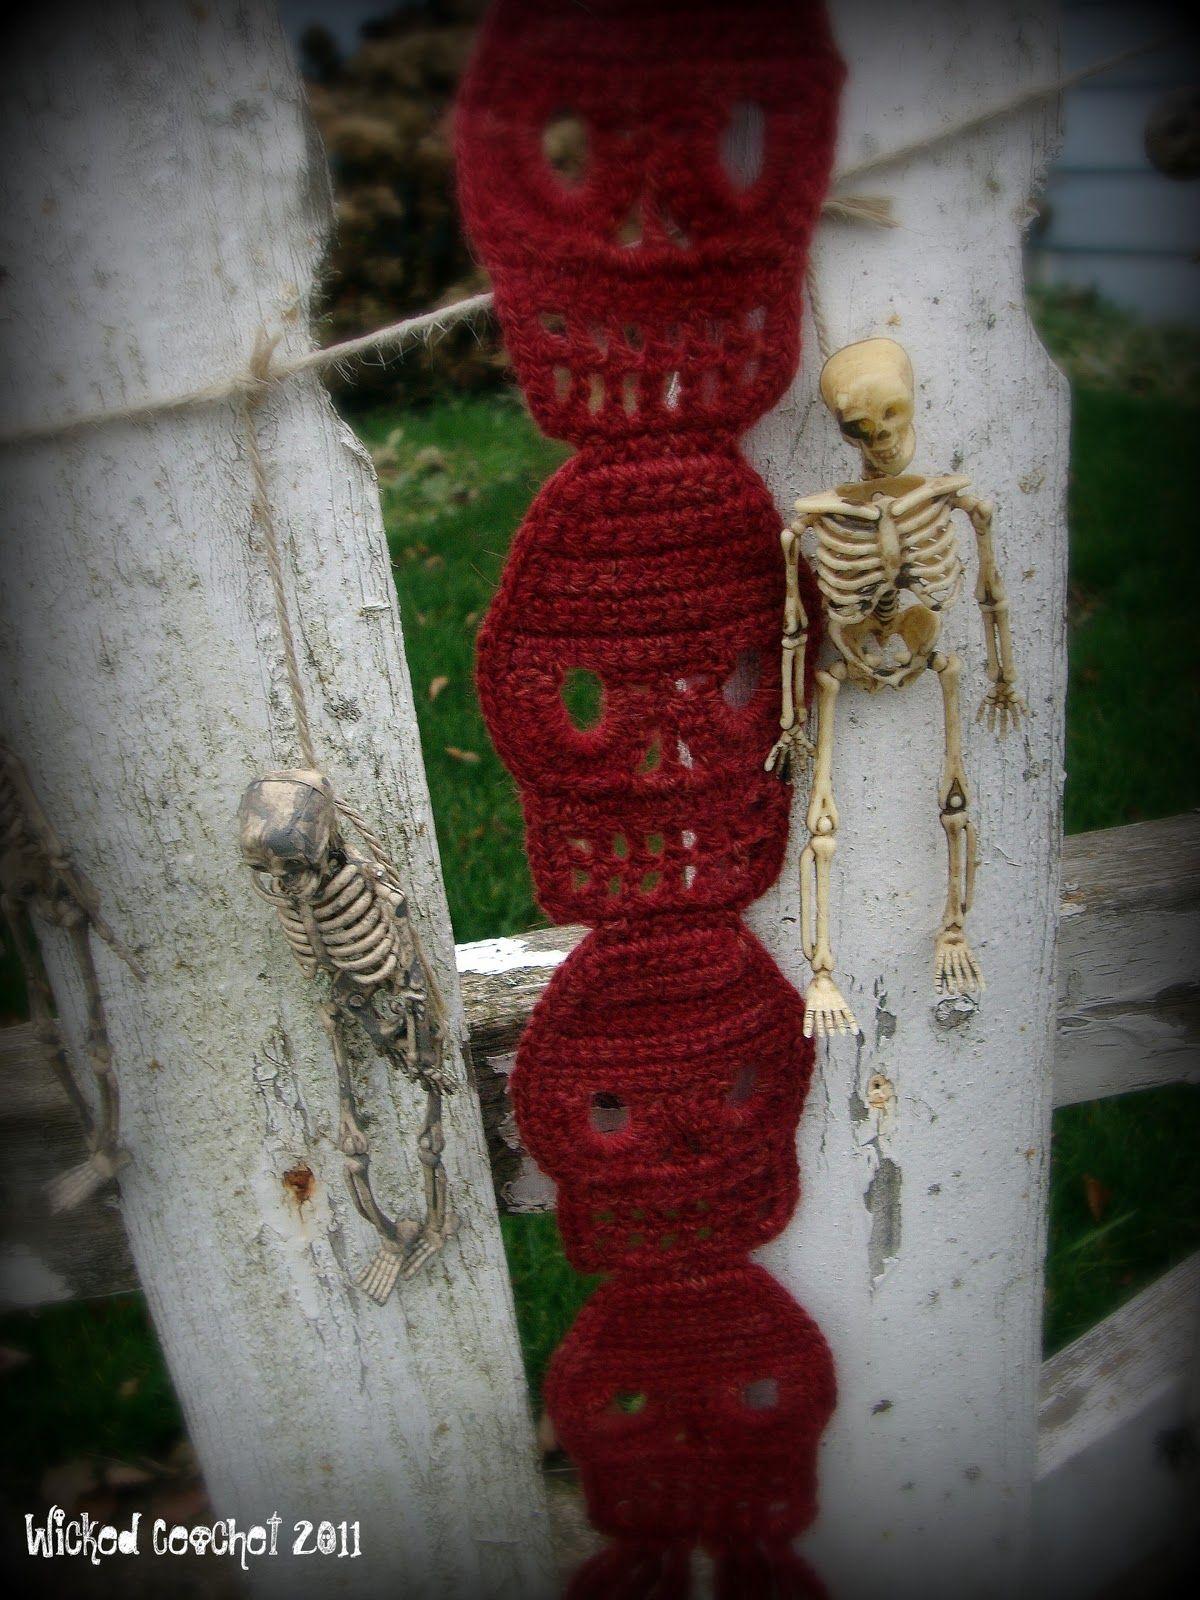 Wicked Crochet: Cute Crochet Skull Scarf Pattern | Laura has to make ...